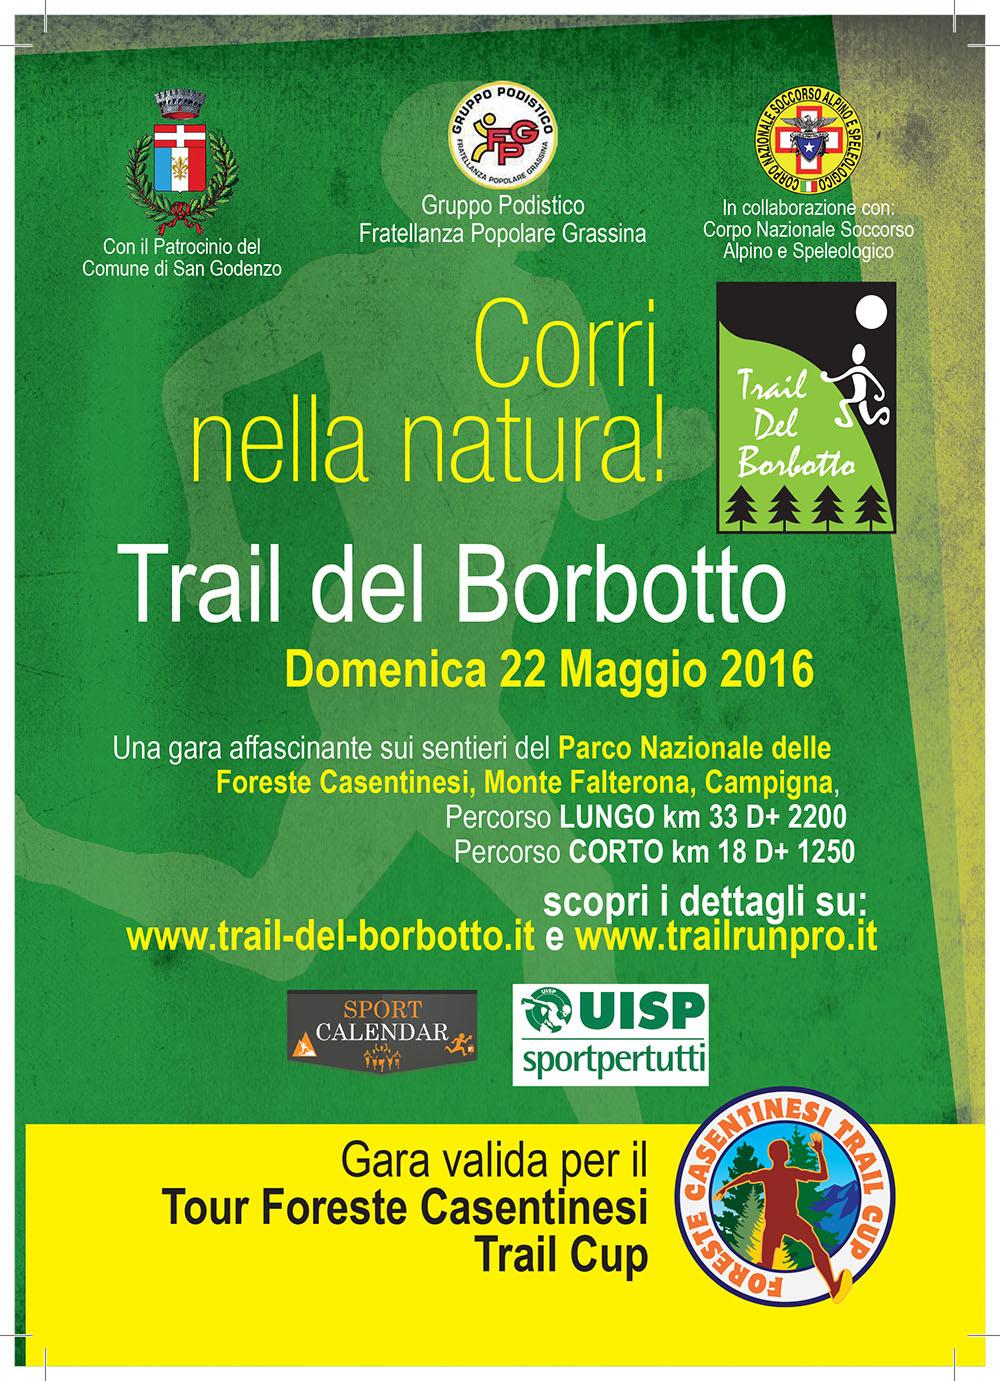 Trail del Borbotto (33 km)